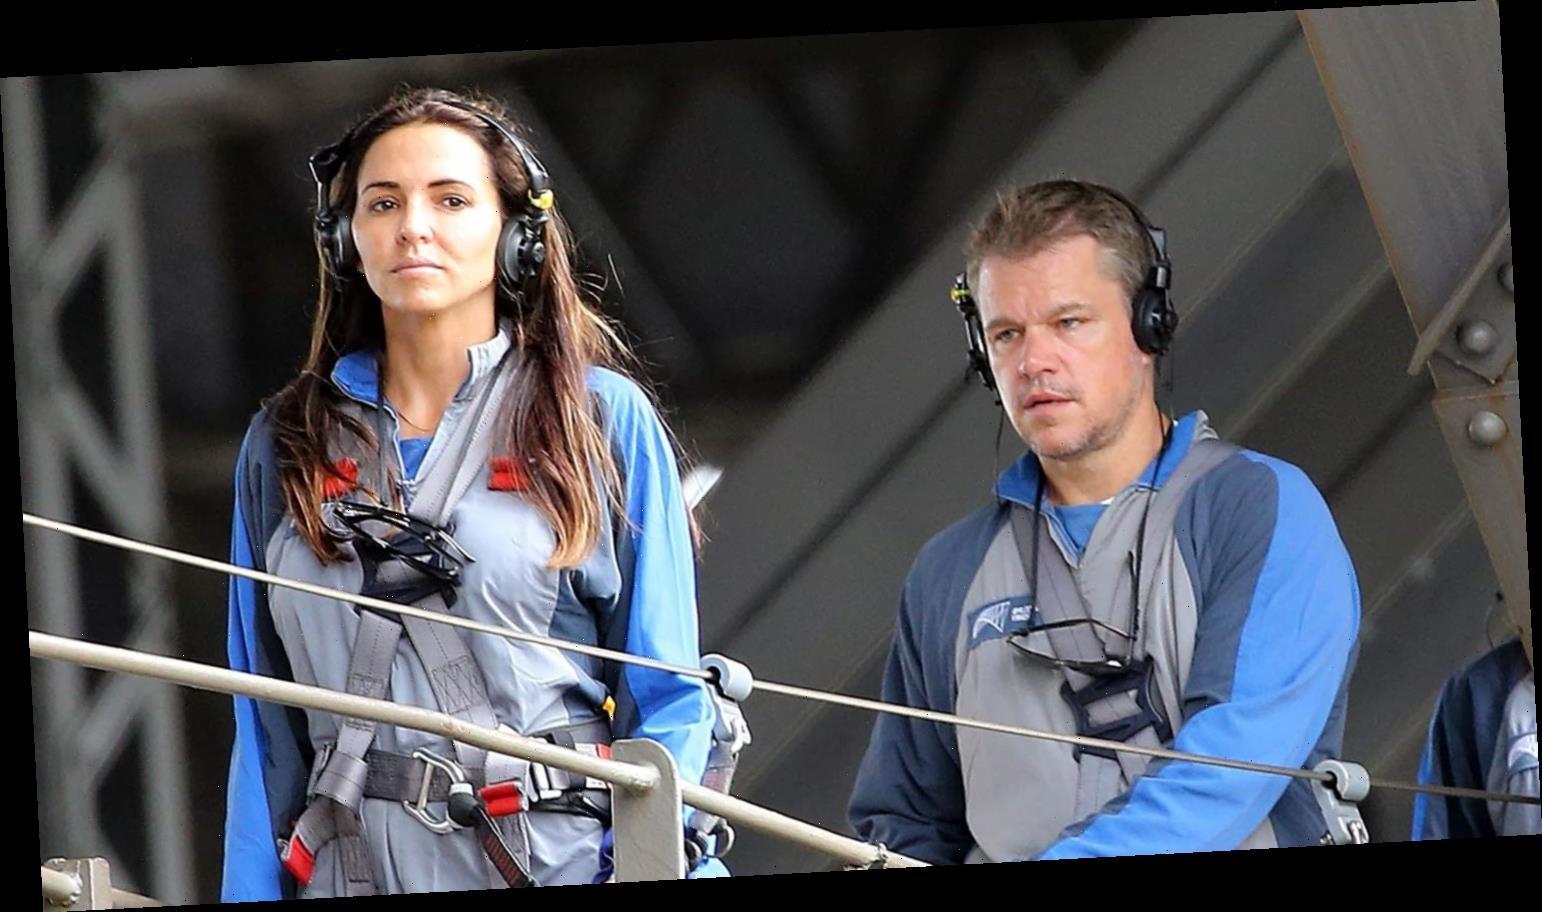 Matt Damon & Wife Luciana Climb the Sydney Harbour Bridge with Their Family!